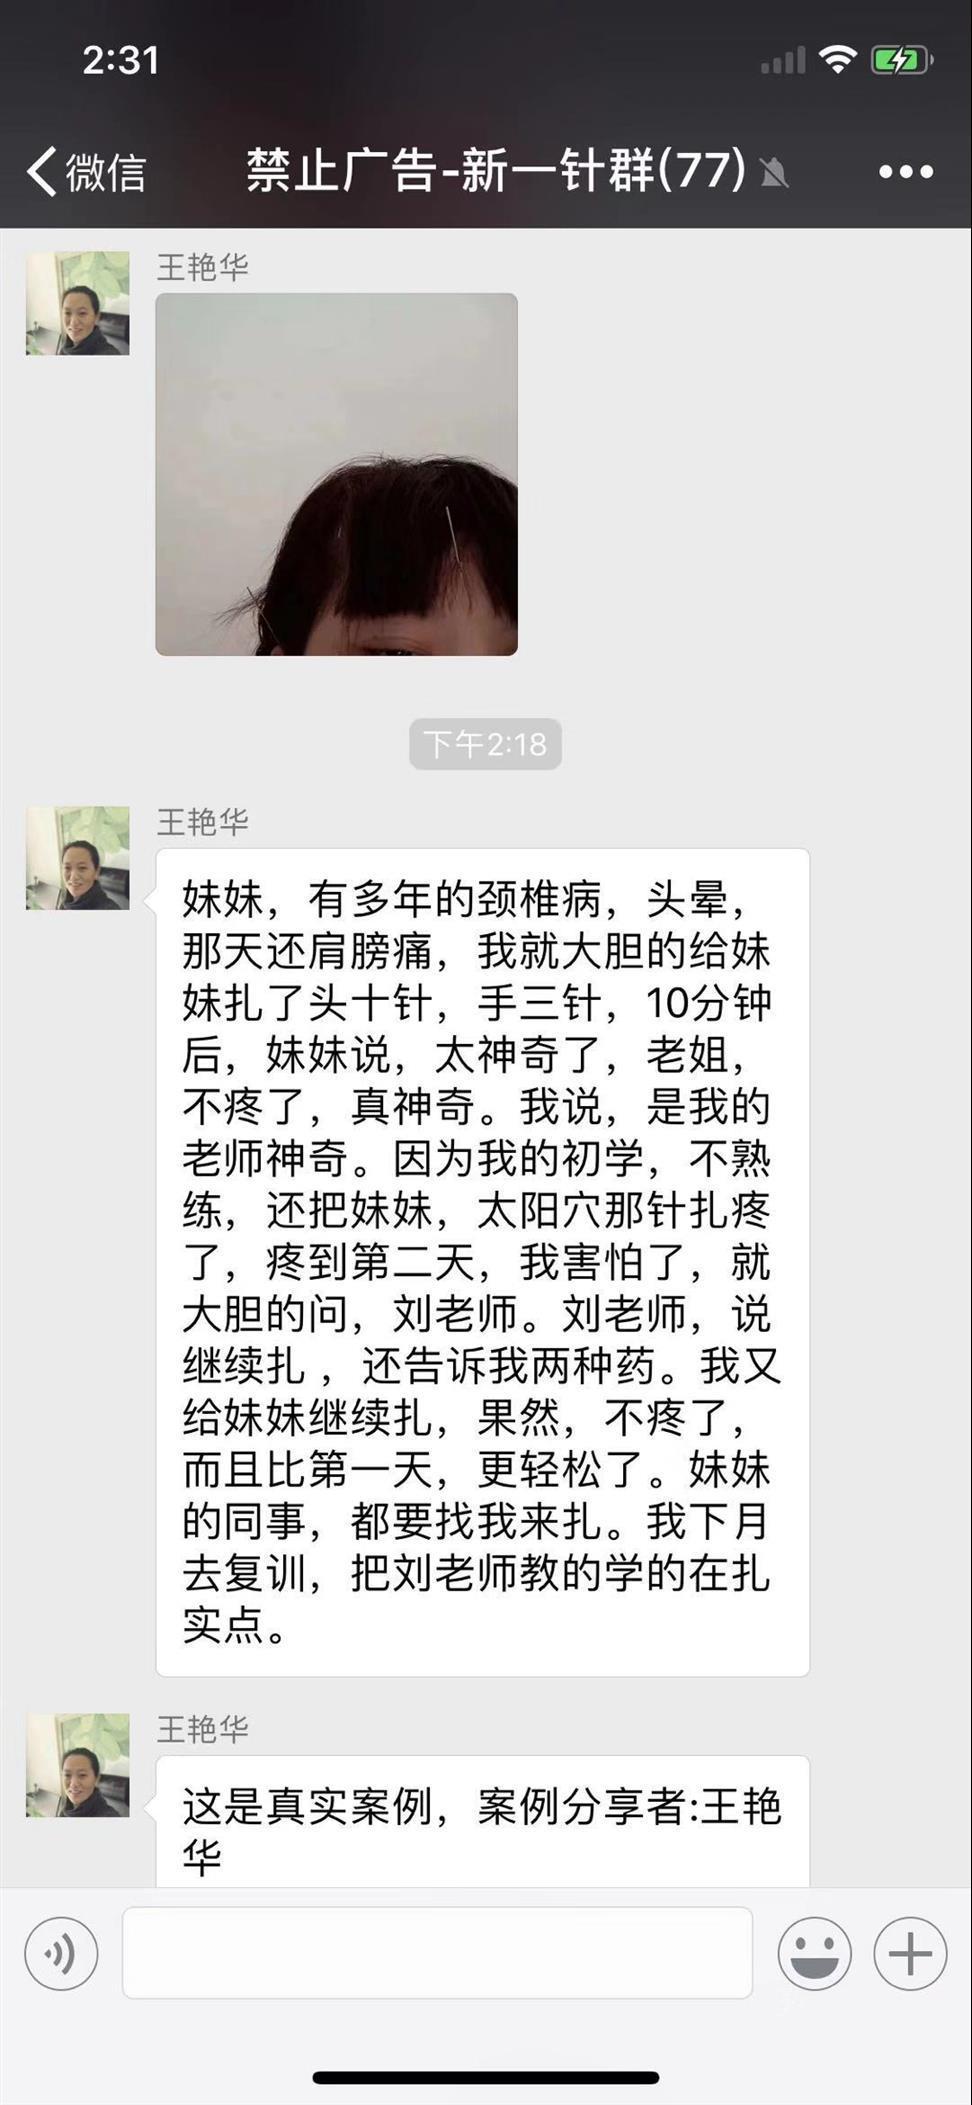 大连刘吉领中医针灸培训价格